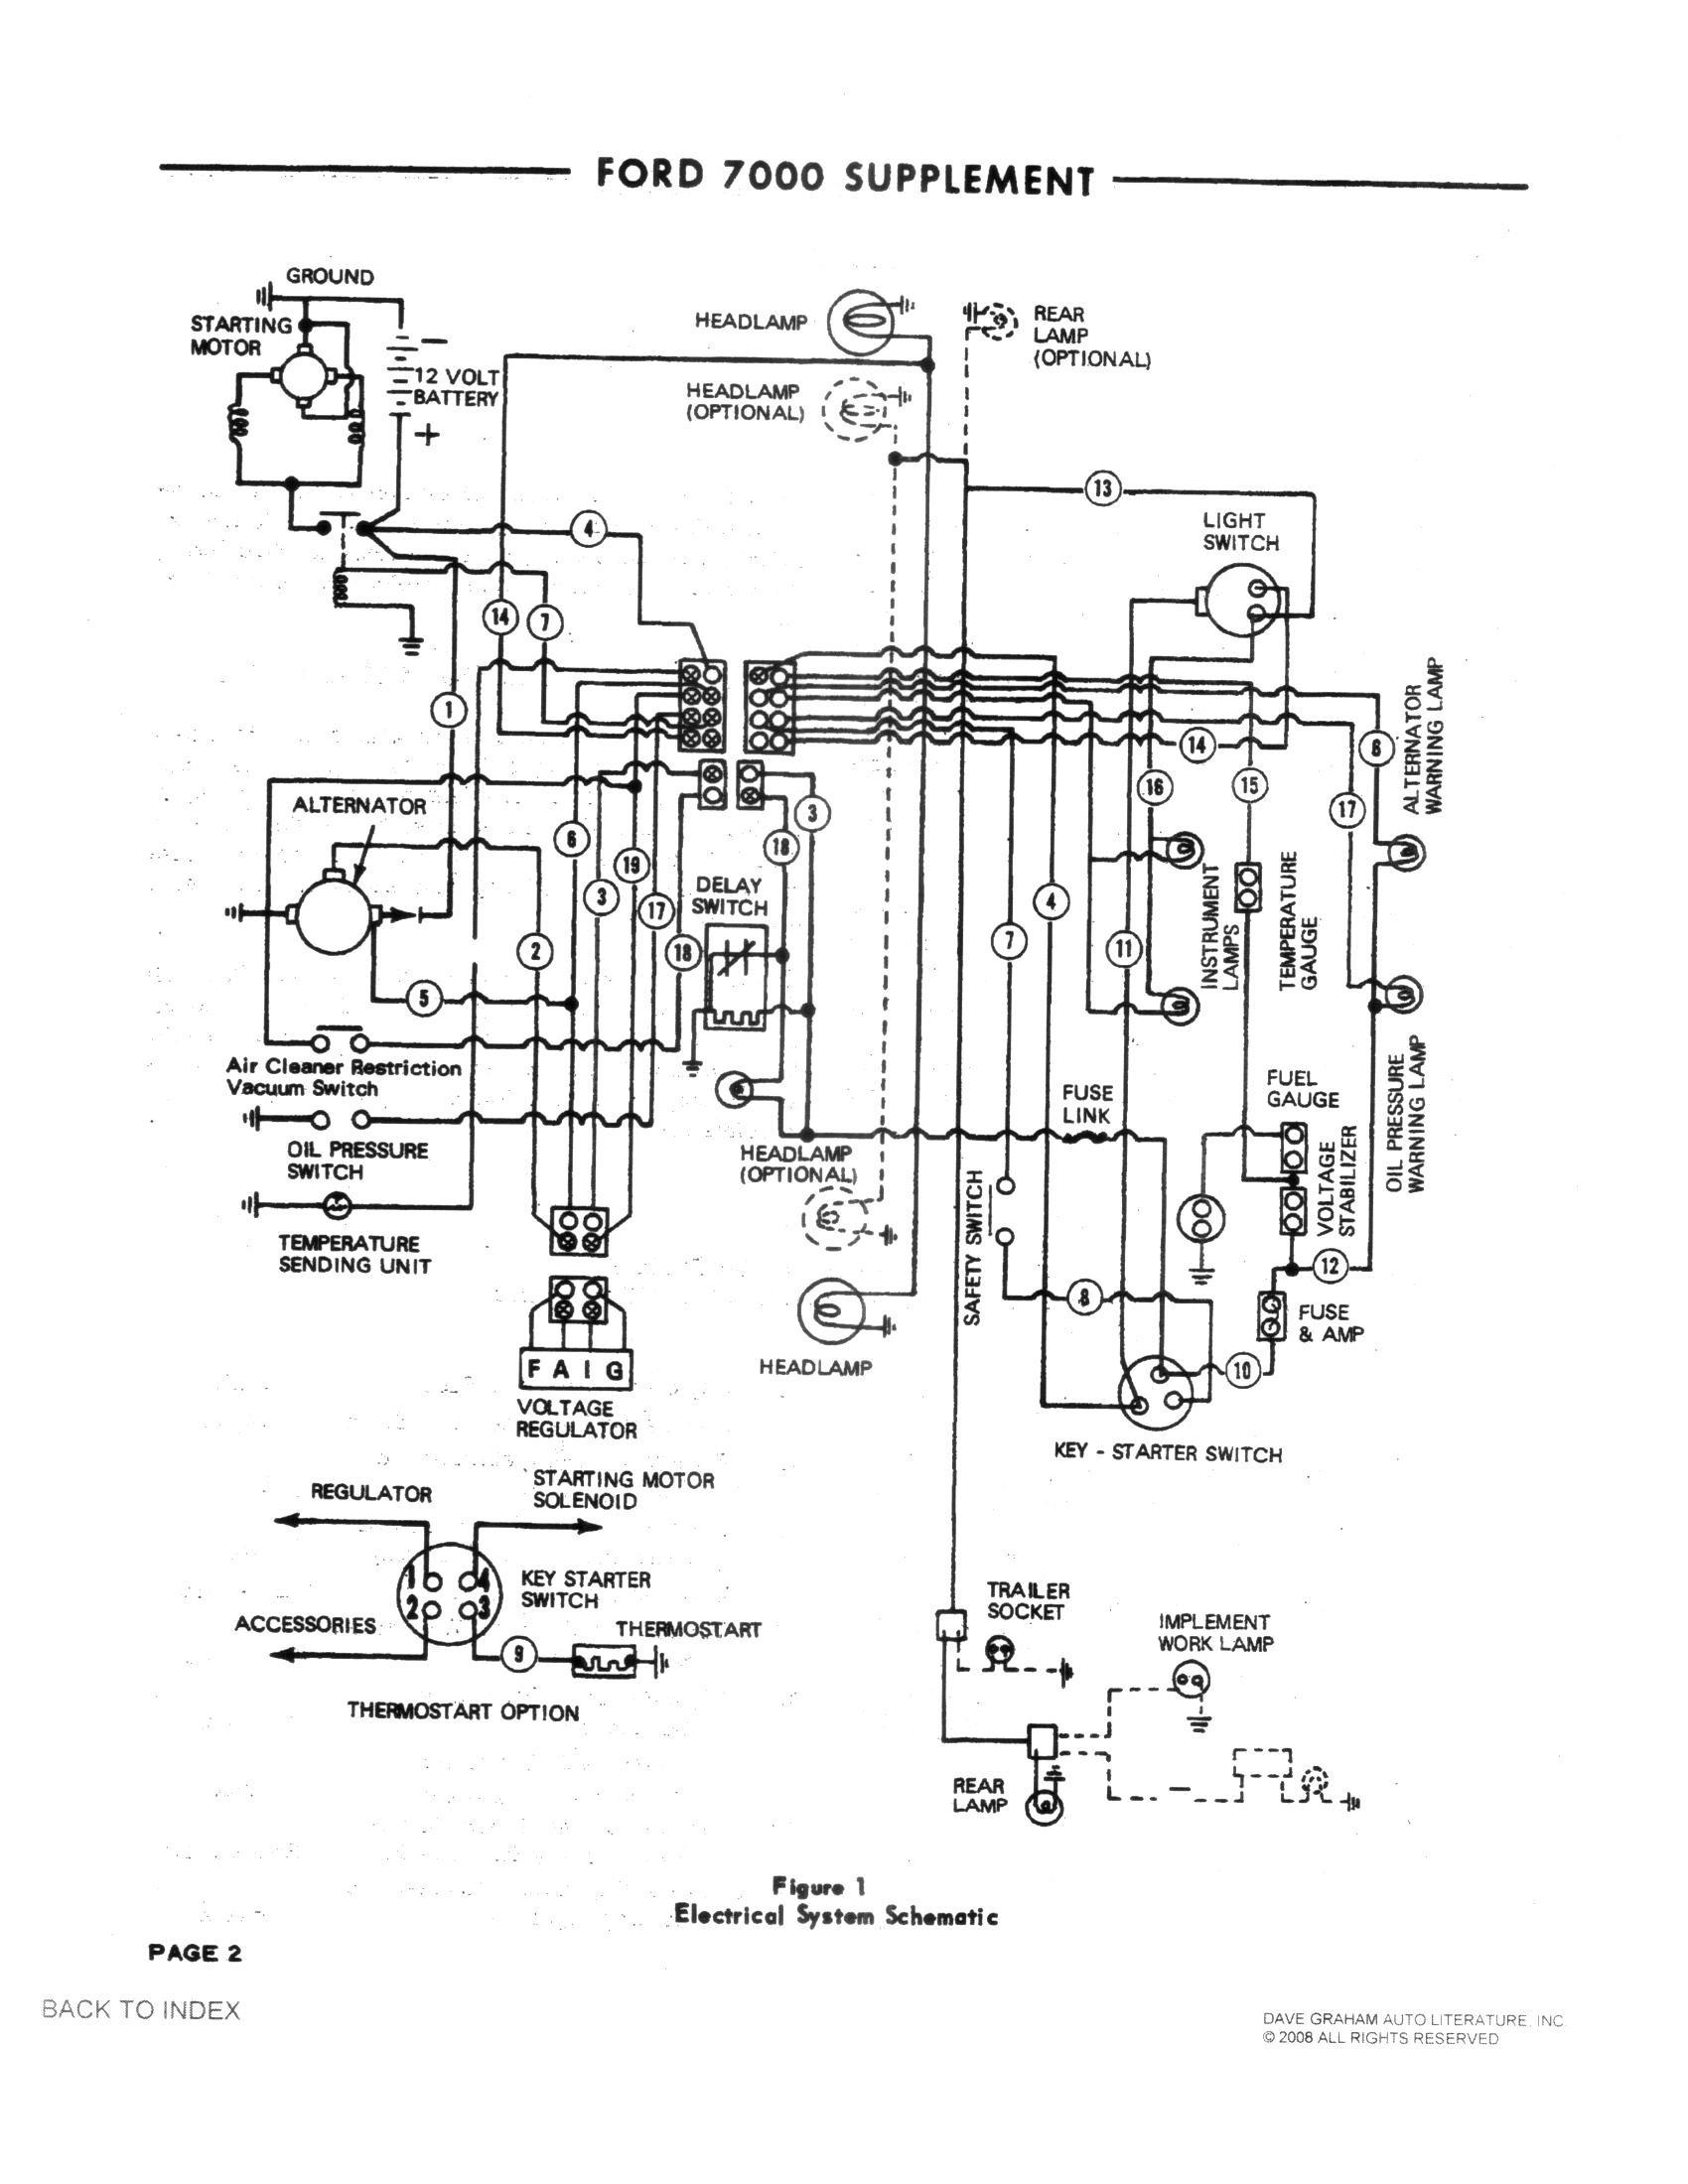 Alternator Wiring Diagram Chevy New Voltage Regulator Wiring Diagram - Voltage Regulator Wiring Diagram